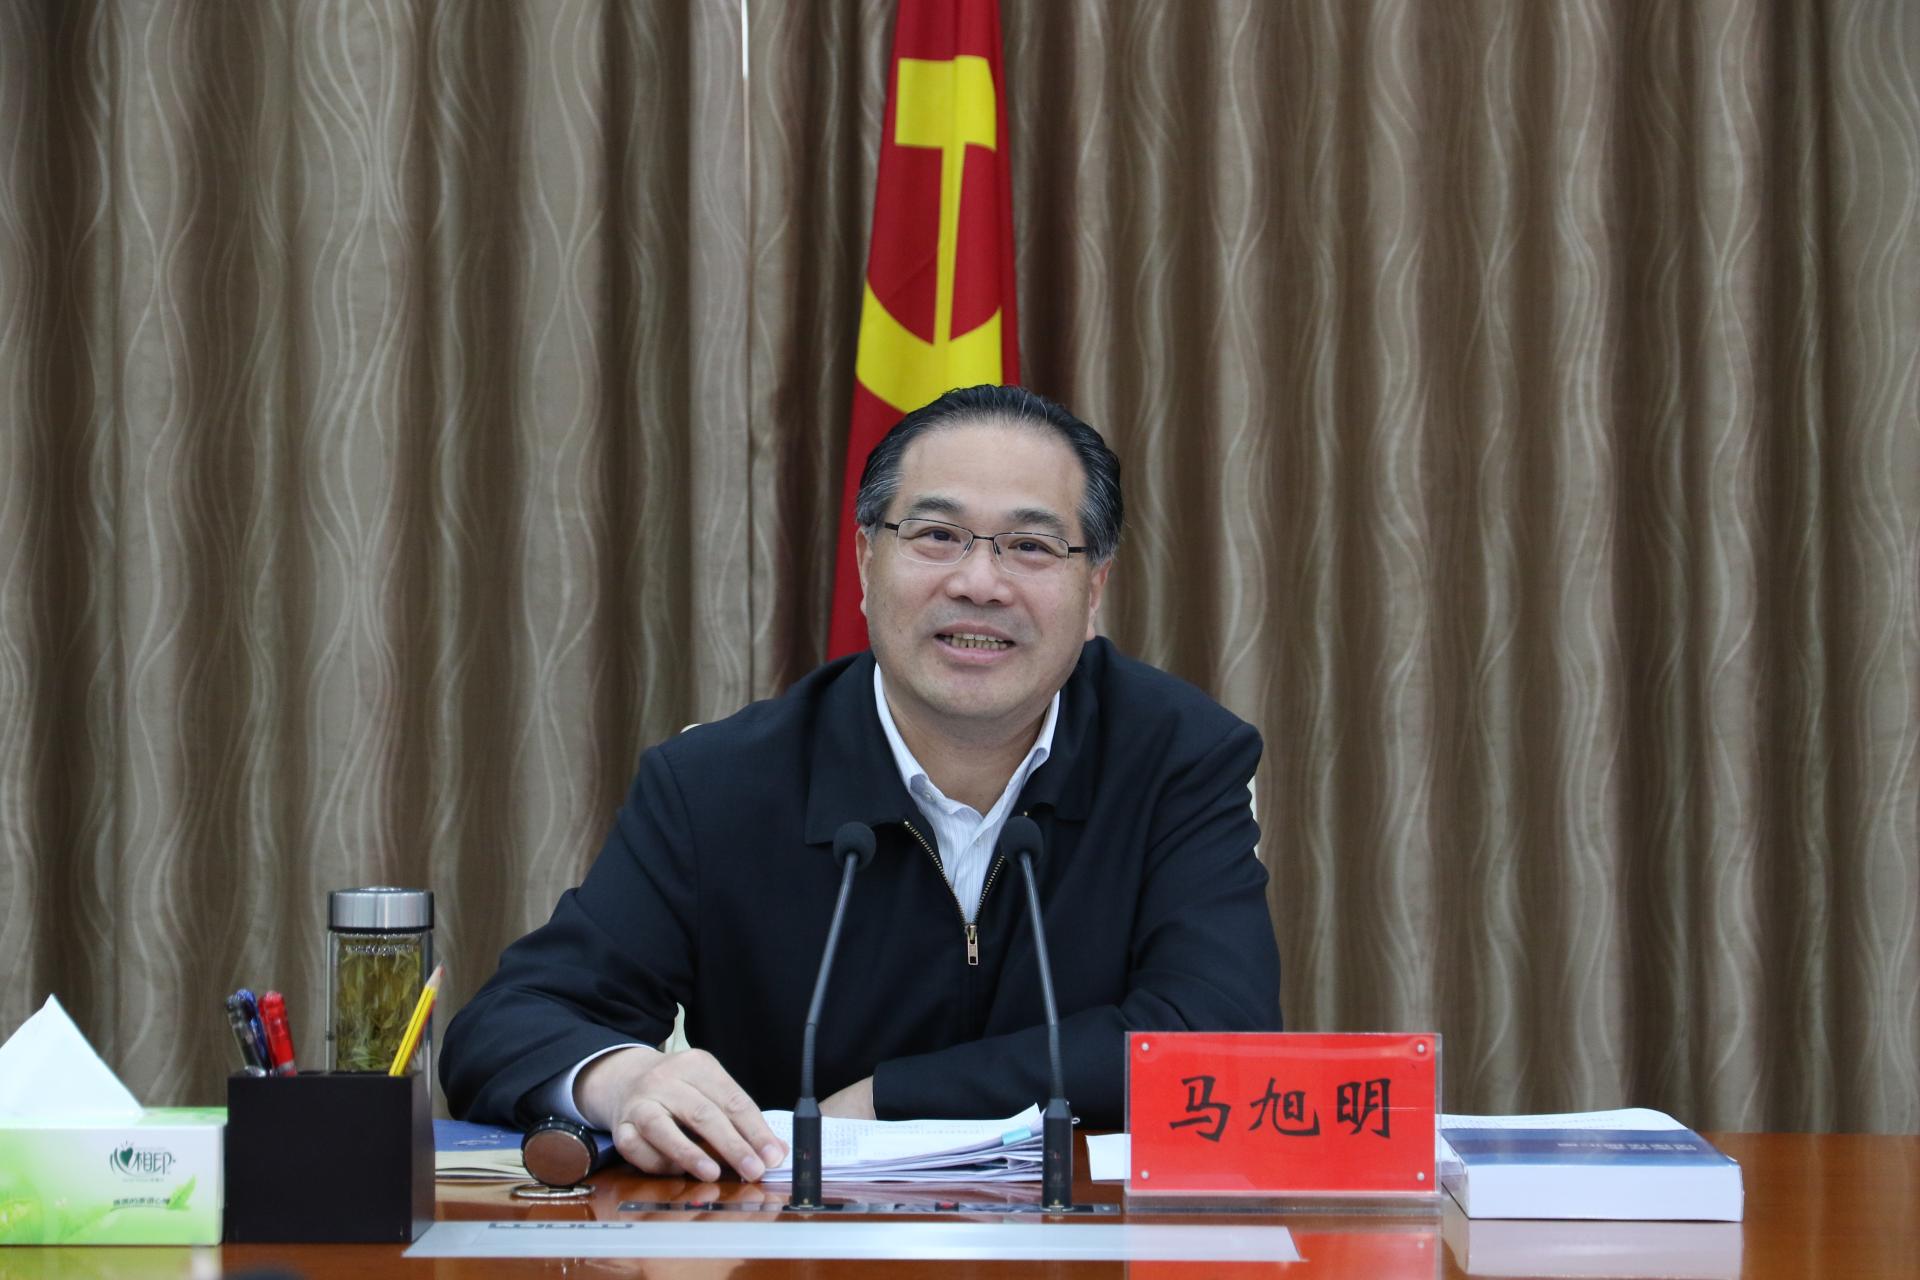 马旭明:主动作为打造支撑全省高质量发展的北部列阵  重点突破加快县域经济高质量发展